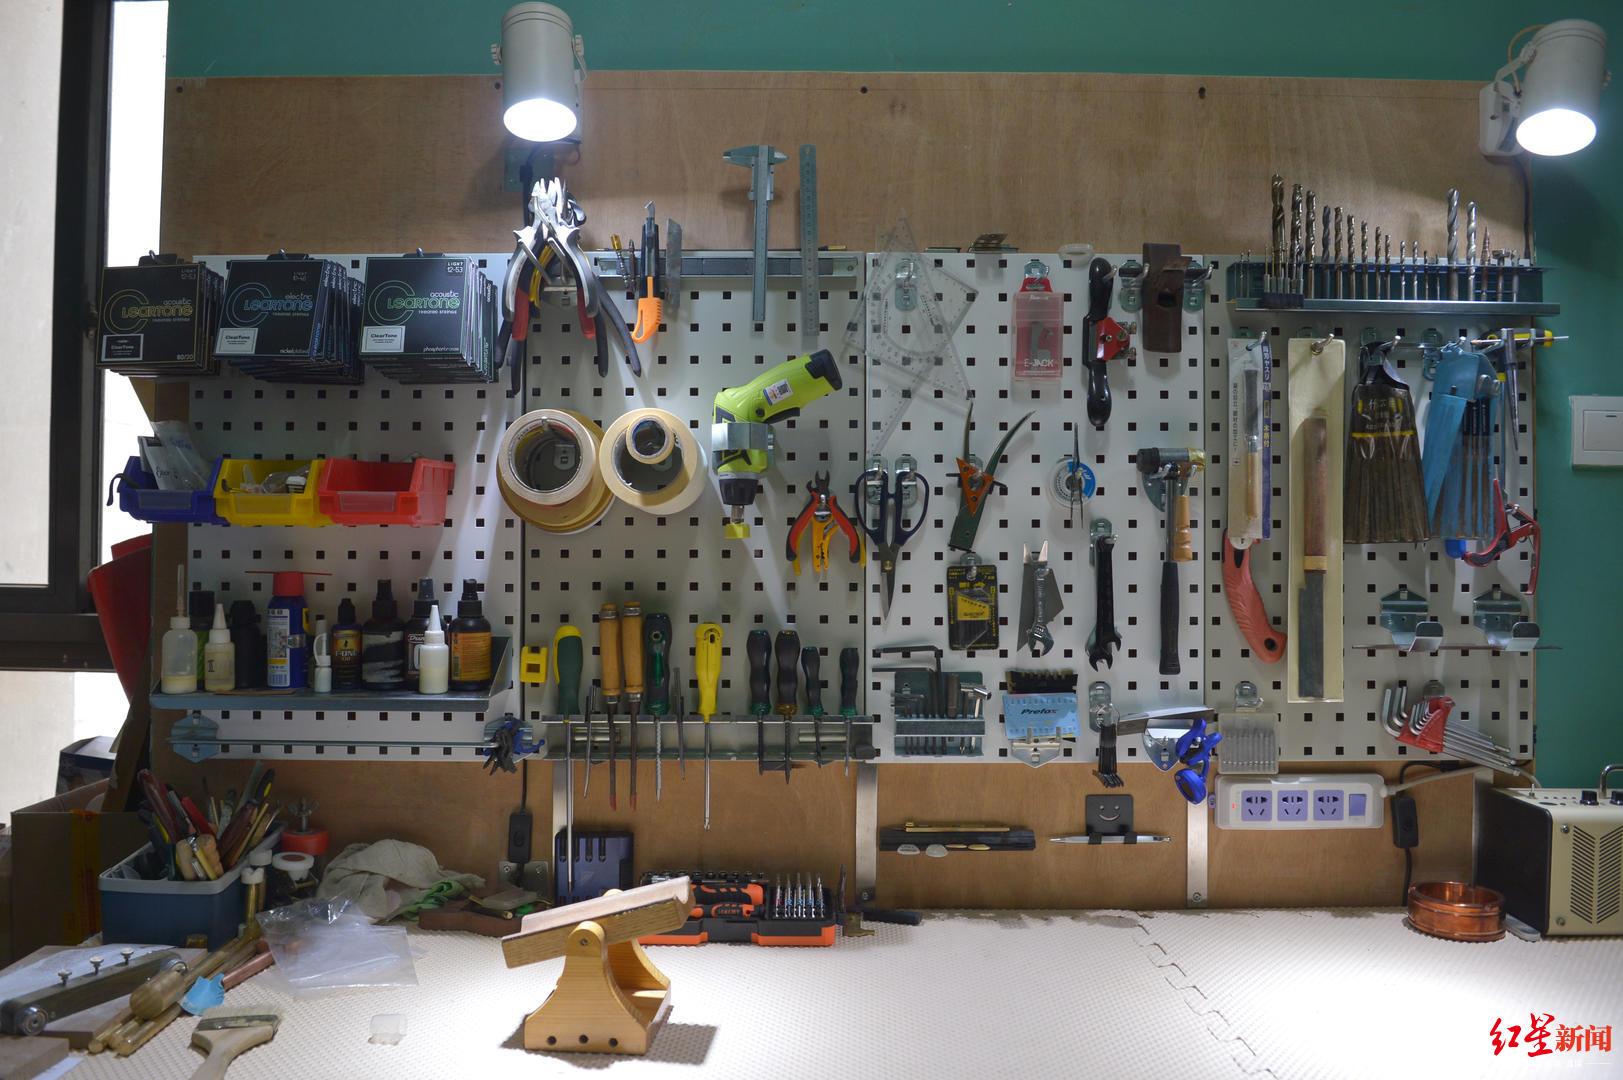 藏在民居里的手工吉他工作室:乐手变琴师,他做一把吉他要200多道工序